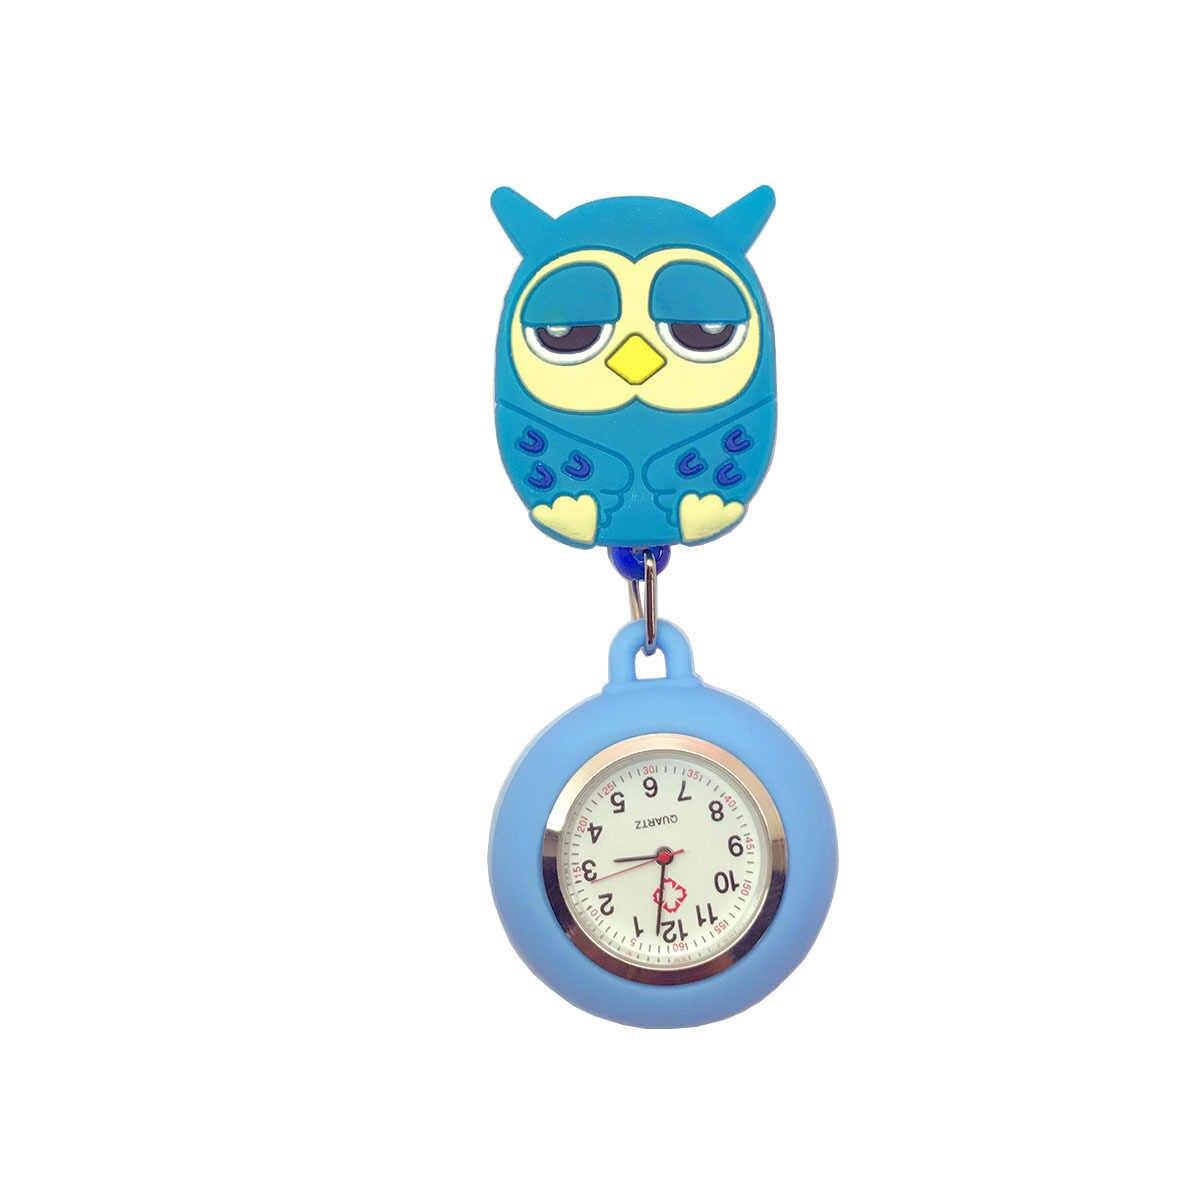 Модные милые Мультяшные животные дизайн Масштабируемые мягкие резиновые медсестры карманные часы дамы Женщины доктор улыбка медицинские часы